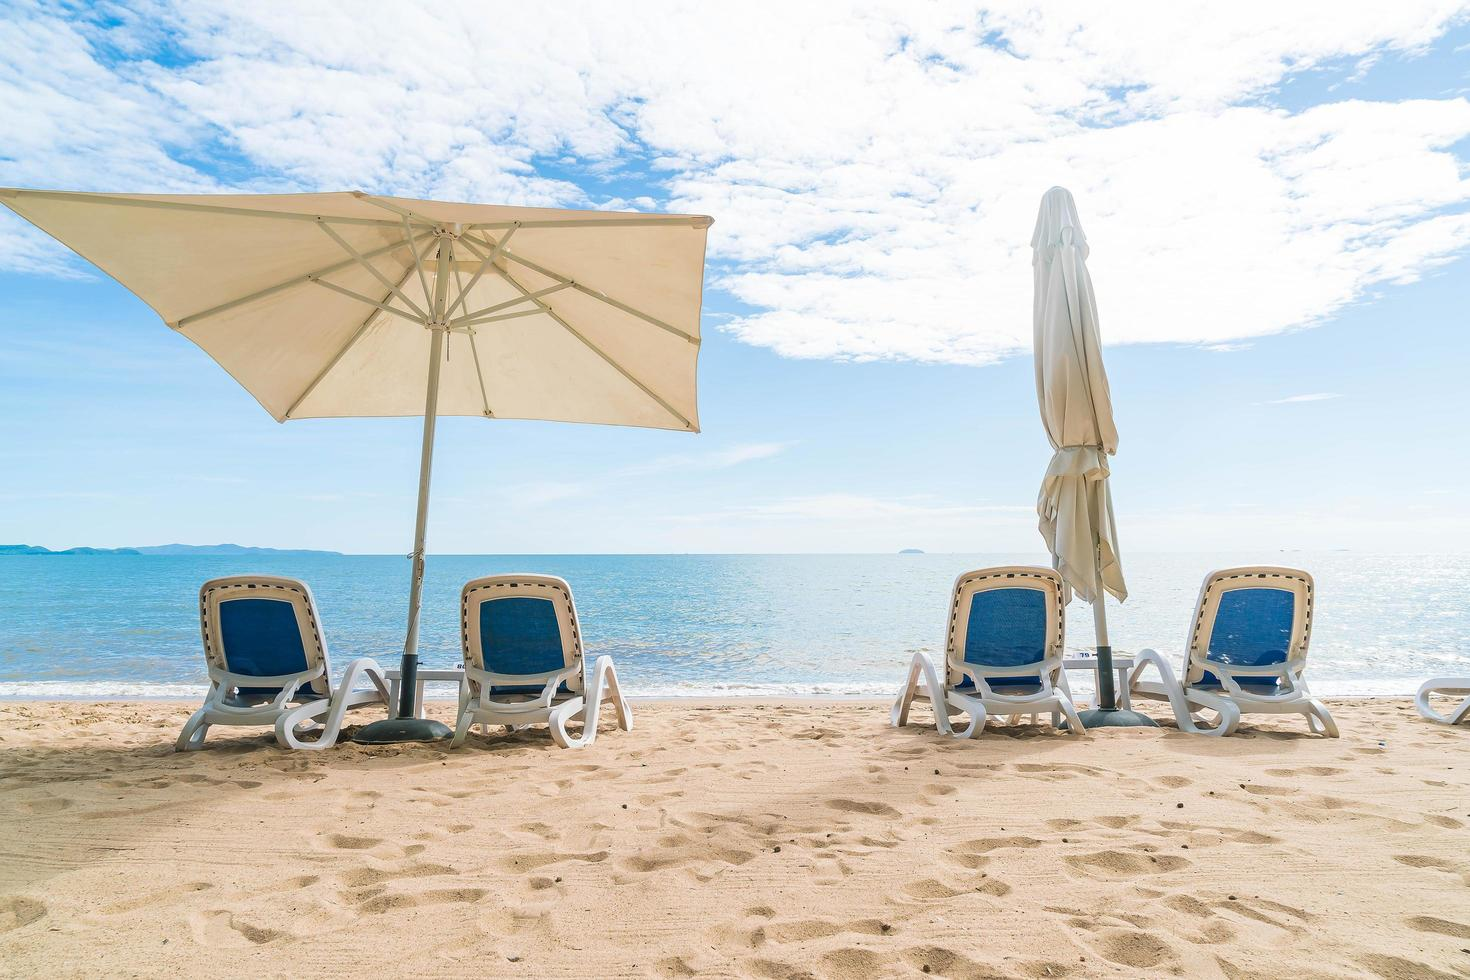 Outdoor mit Sonnenschirm und Stuhl am wunderschönen tropischen Strand und Meer foto